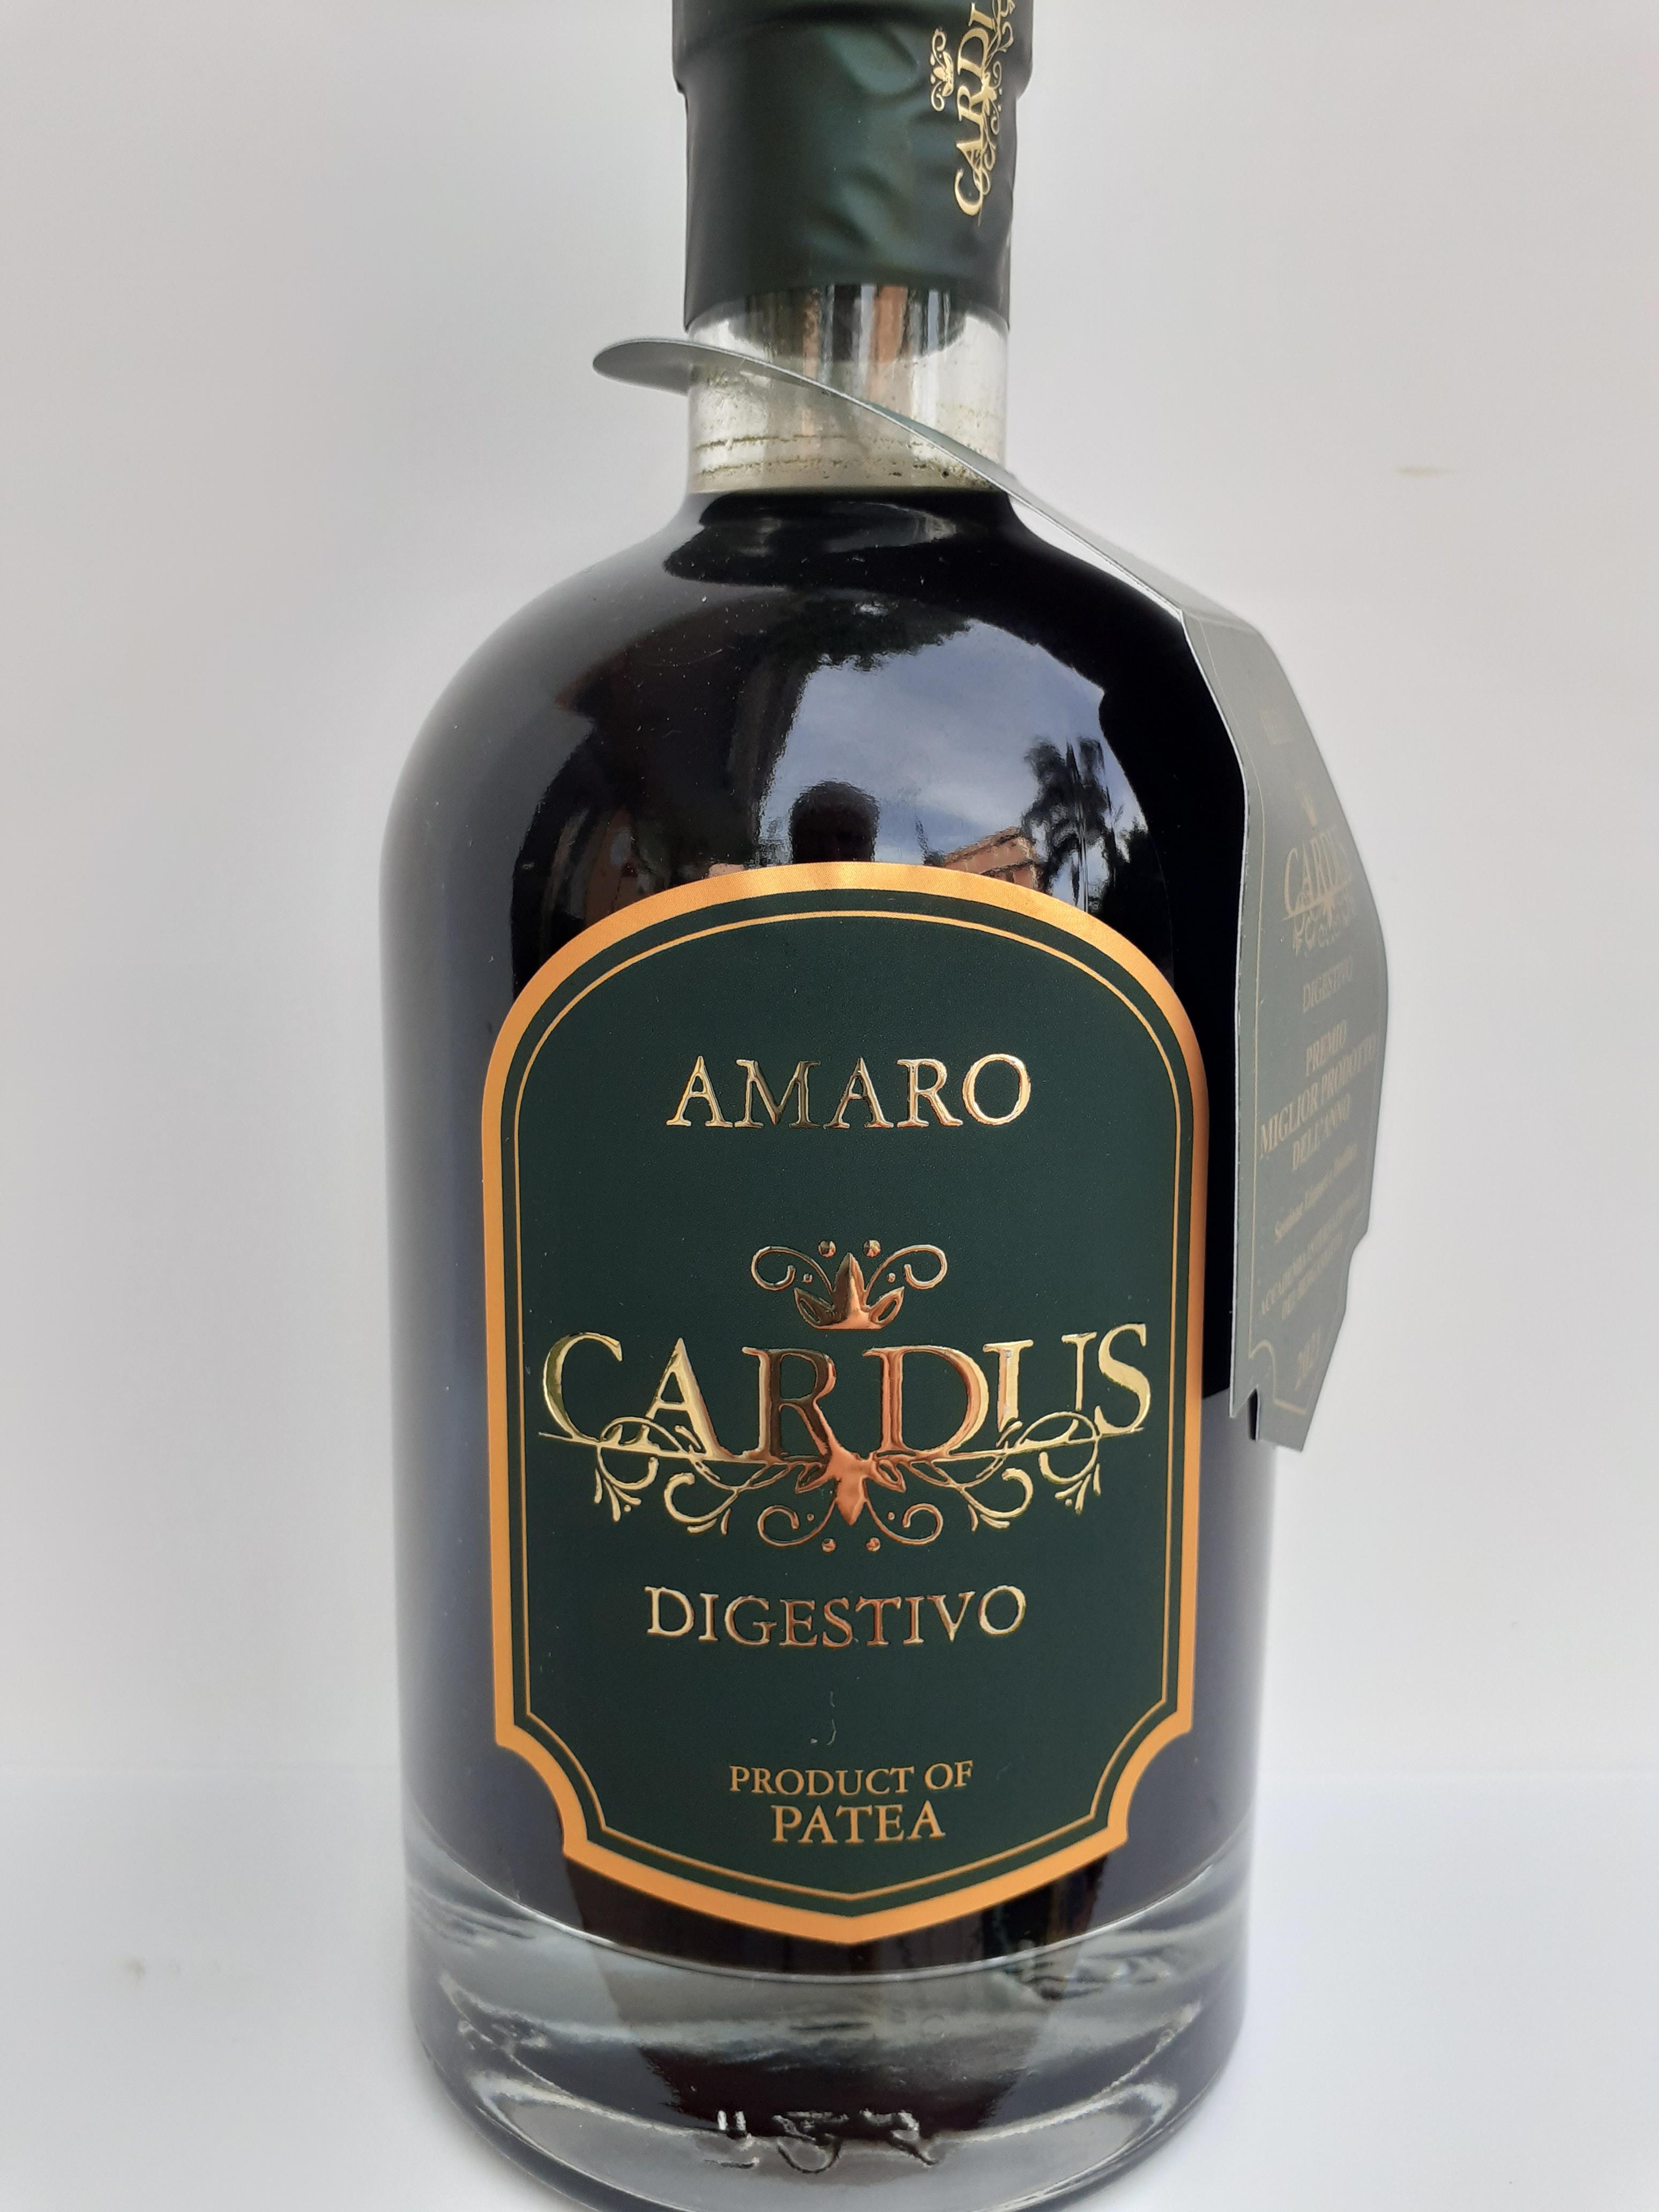 Amaro Cardus dell' Azienda Agricola Patea di Brancaleone (RC) 70cl , prodotto dall' infusione di Cardo Selvatico , Bergamotto di Reggio Calabria , Mirtillo e altri aromi naturali. Ottimo digestivo da servire freddo o ghiacciato. 70cl